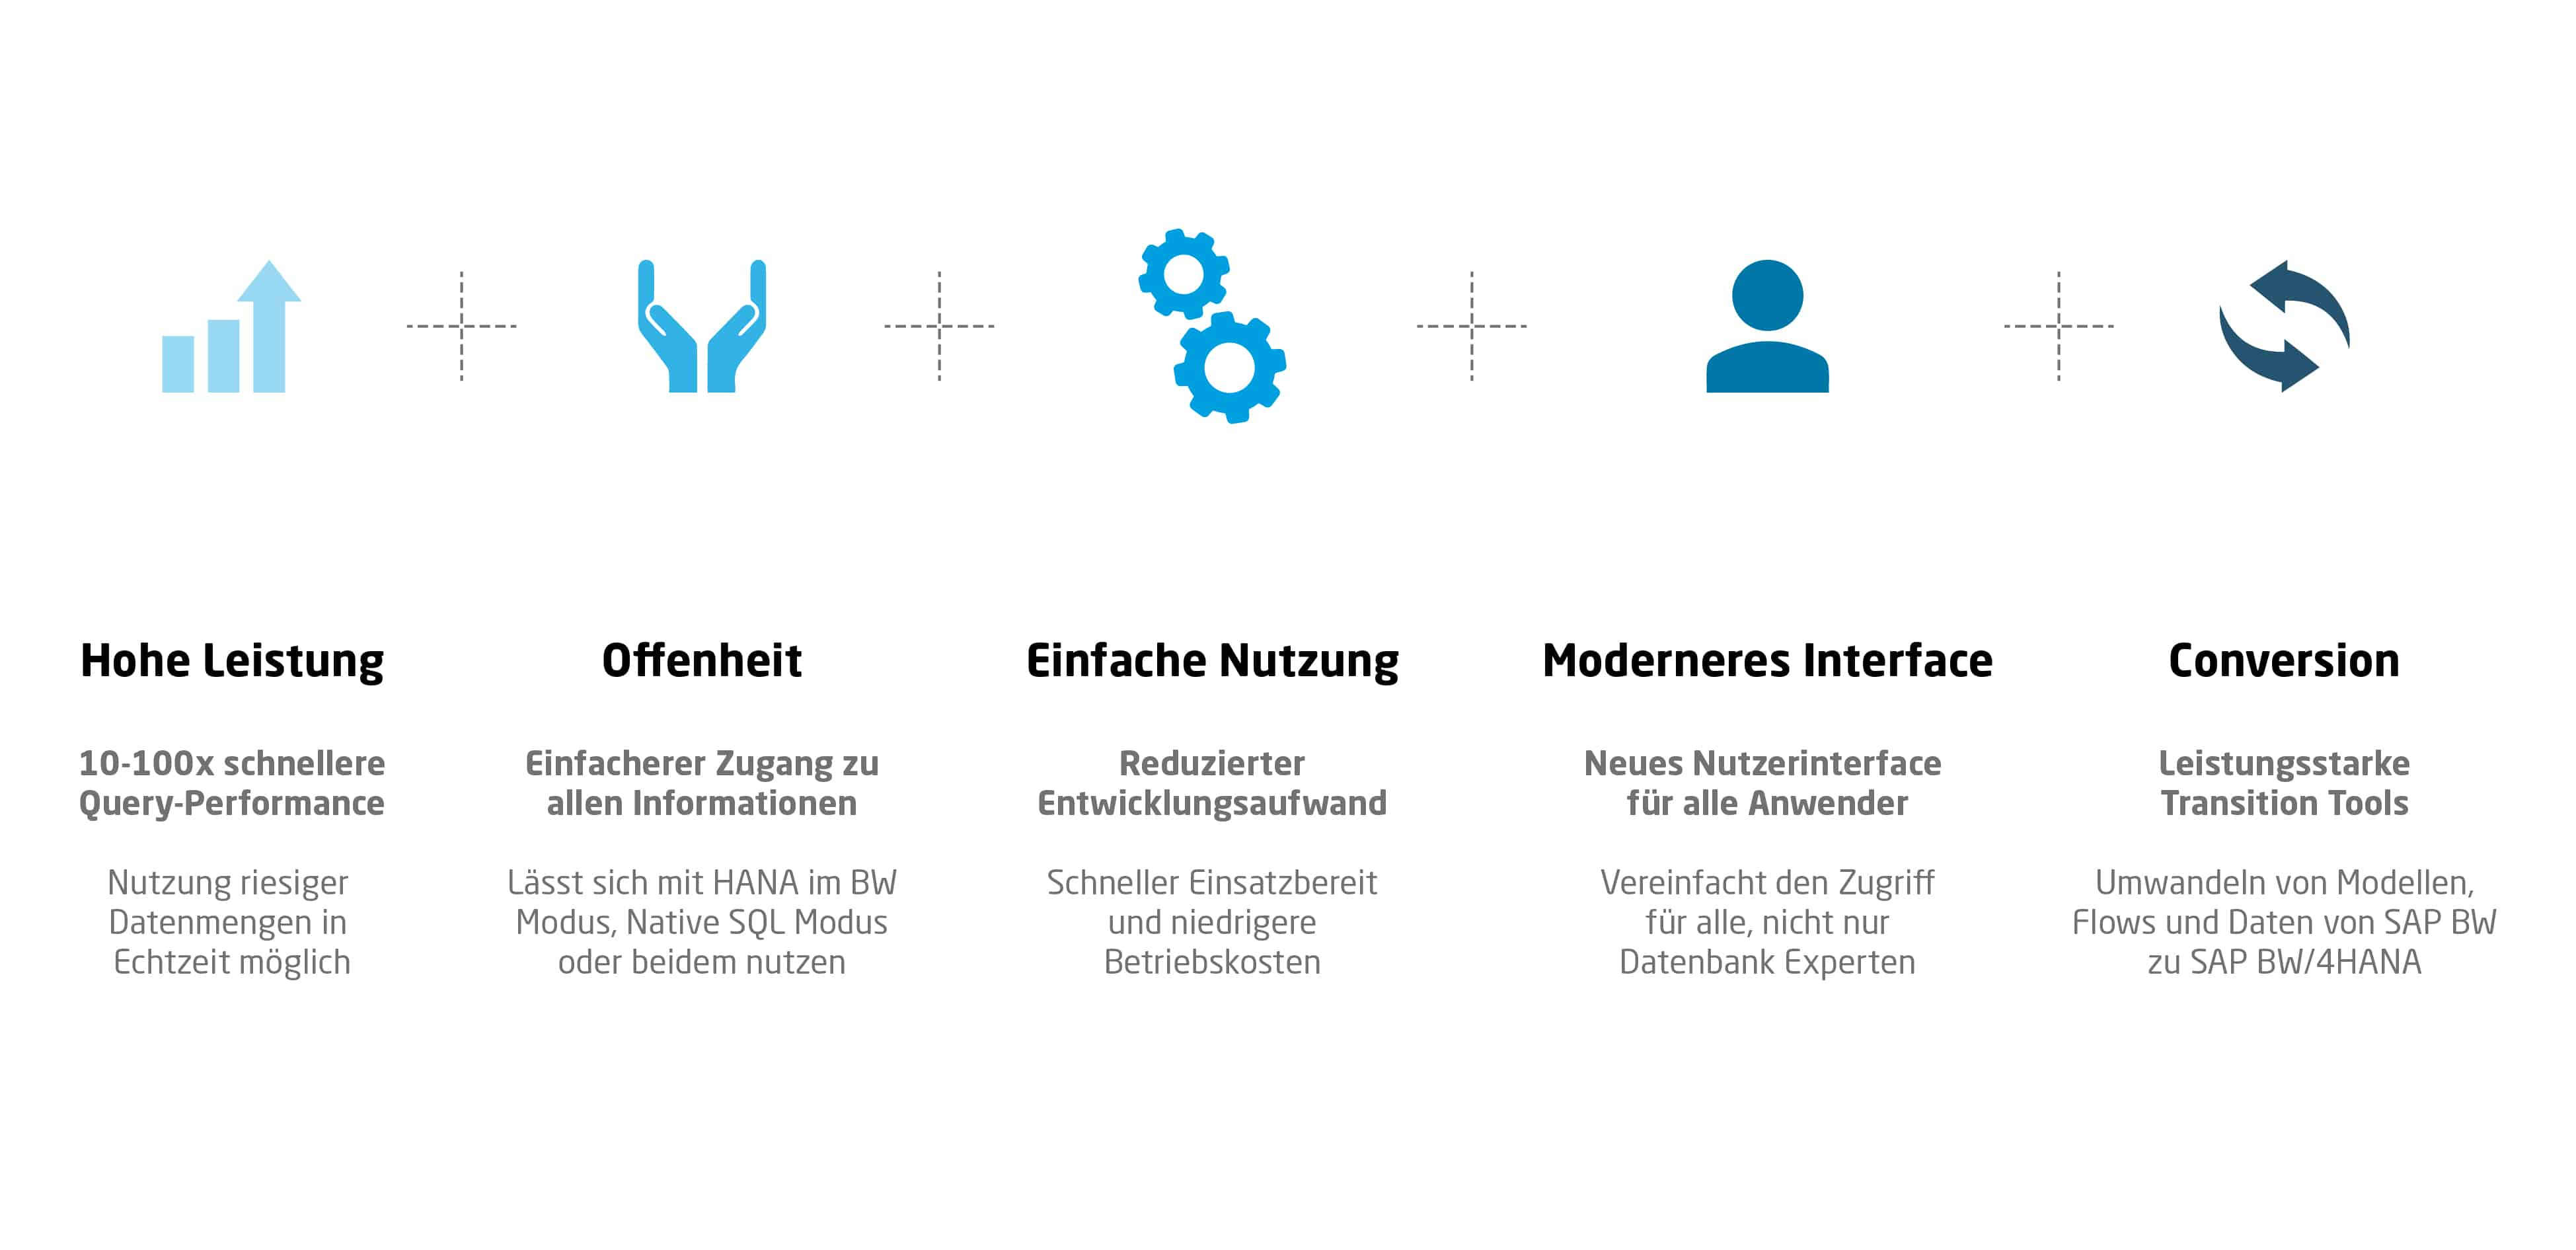 Eigenschaften und Vorteile der SAP BW/4HANA Plattform